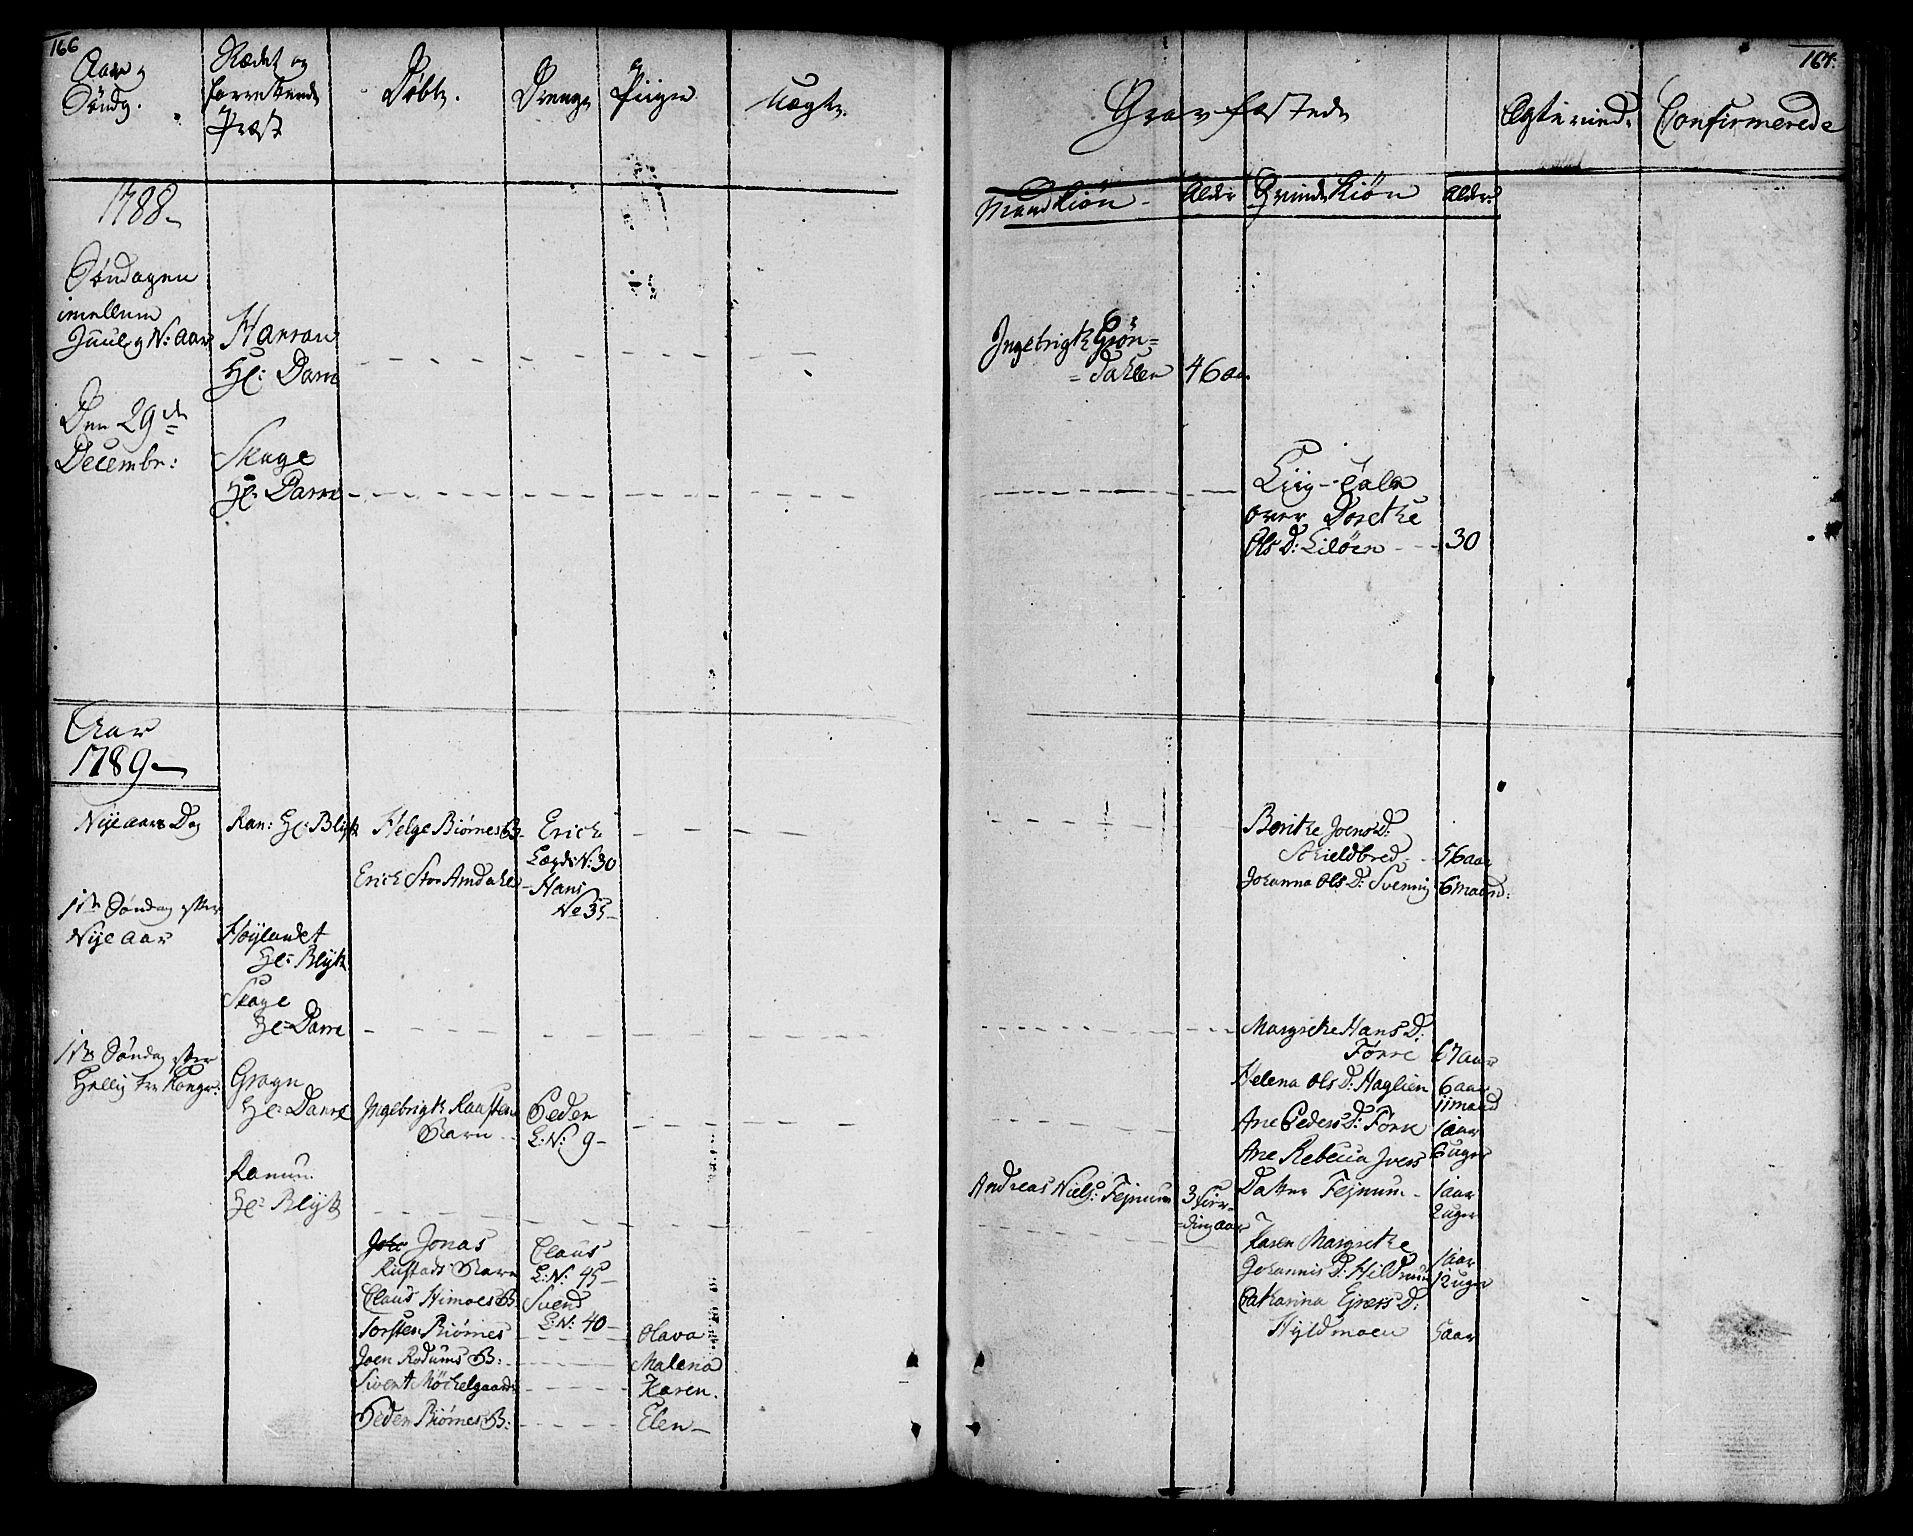 SAT, Ministerialprotokoller, klokkerbøker og fødselsregistre - Nord-Trøndelag, 764/L0544: Ministerialbok nr. 764A04, 1780-1798, s. 166-167